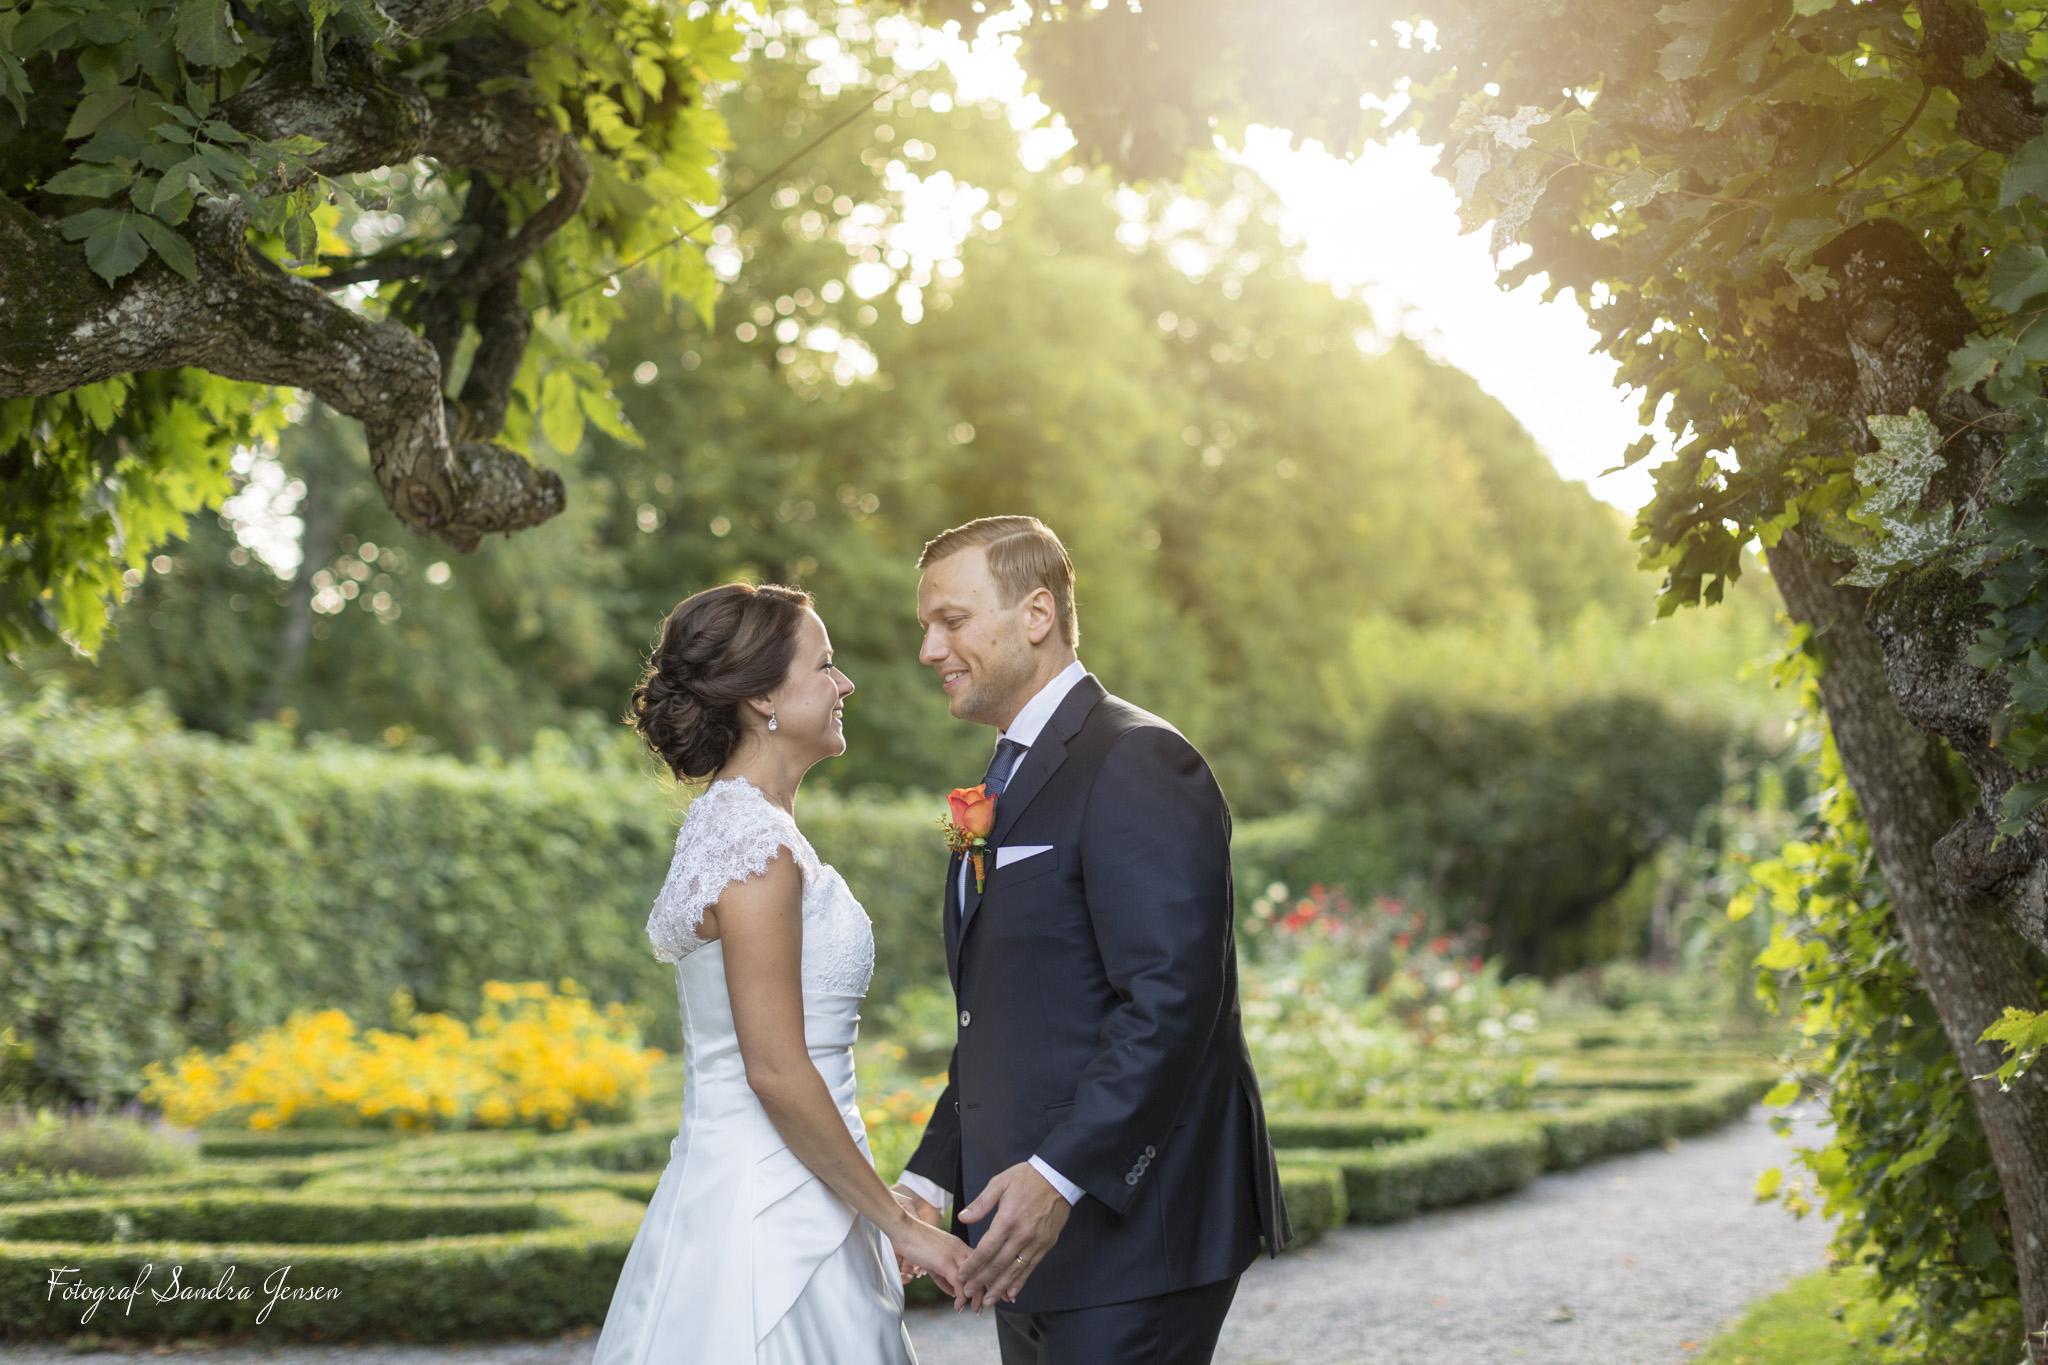 Ann & Fredrik Bröllopsporträtt vid Ulriksdals Slott, Bröllops